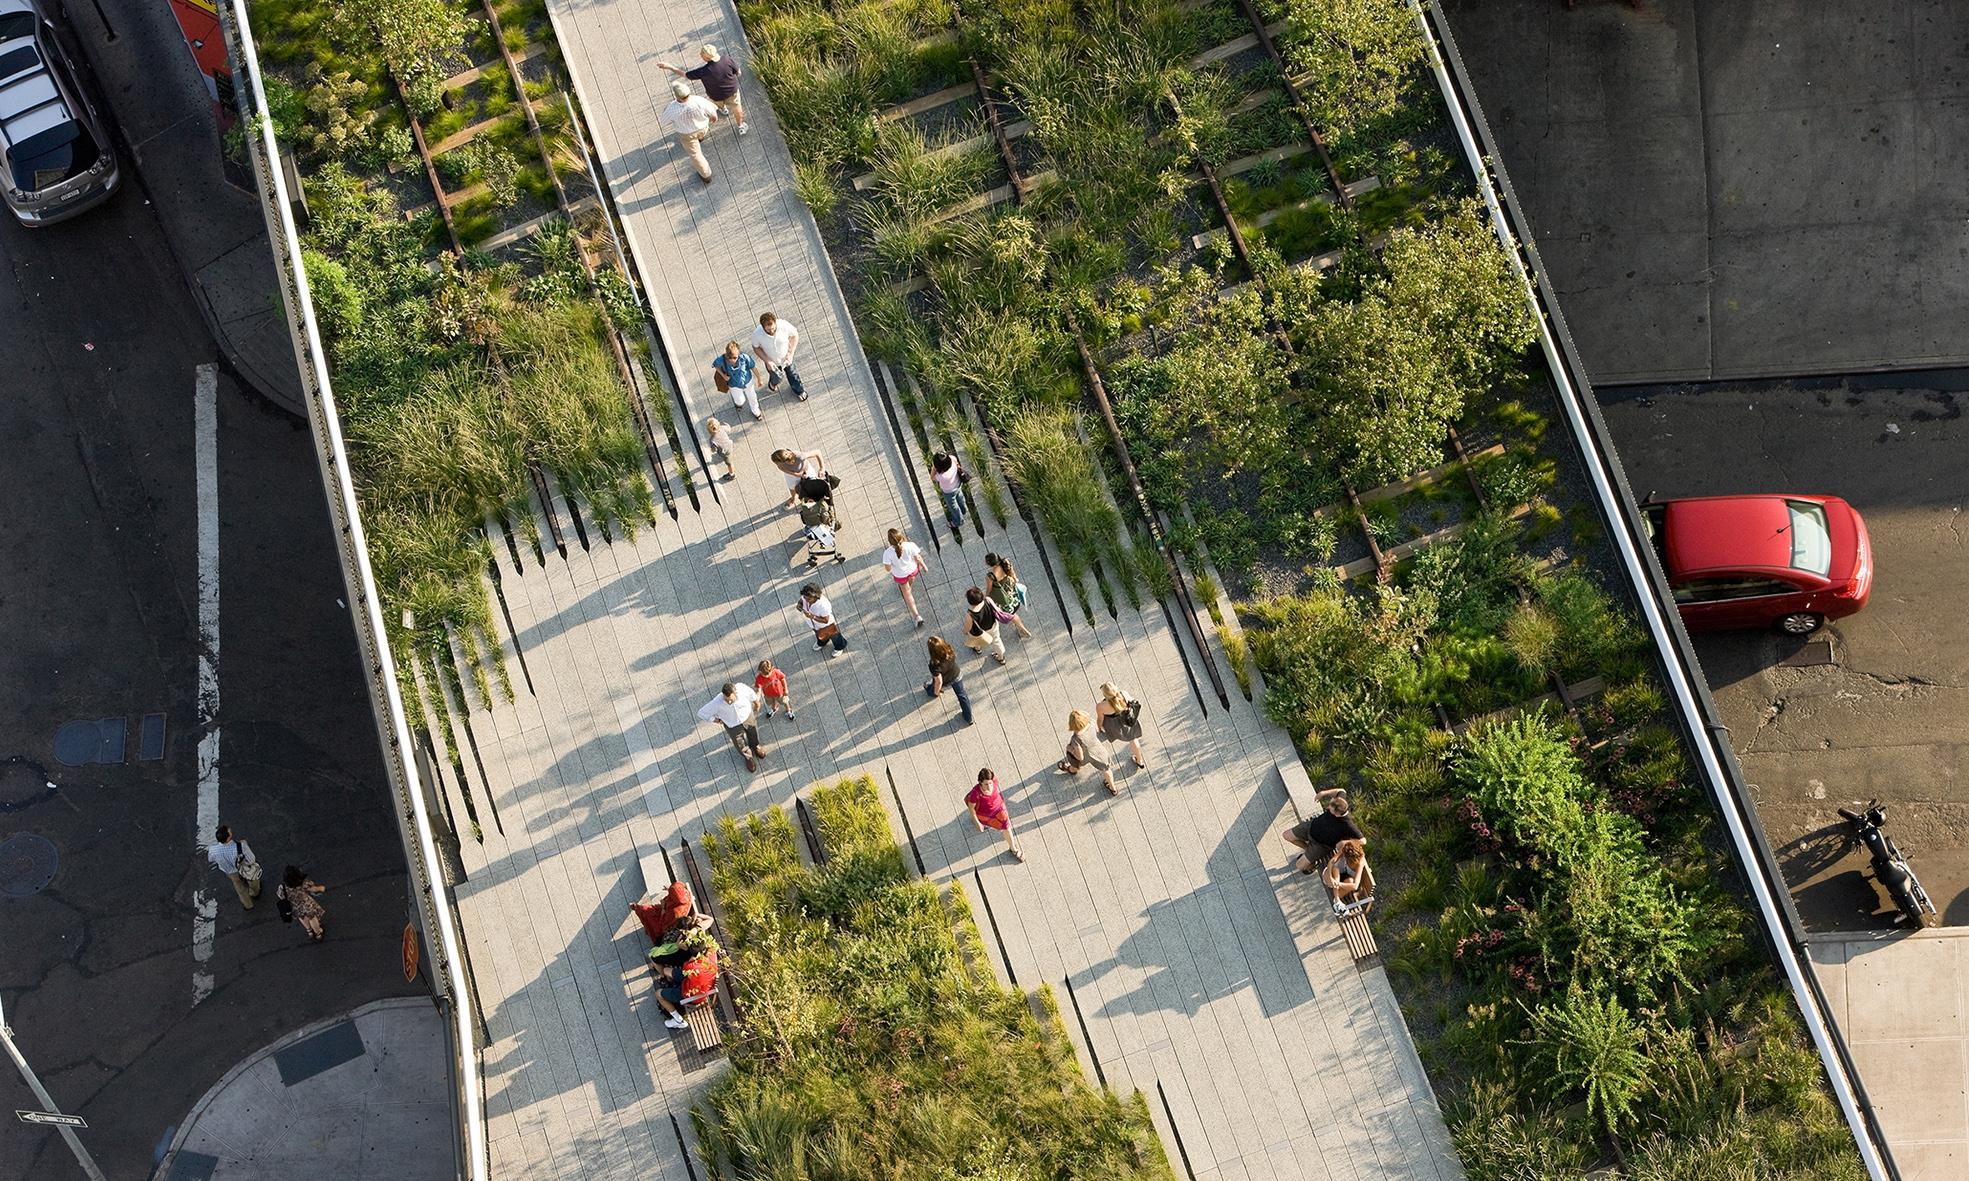 Vista aèria del High Line Park / Col·legi d'Arquitectes de Catalunya